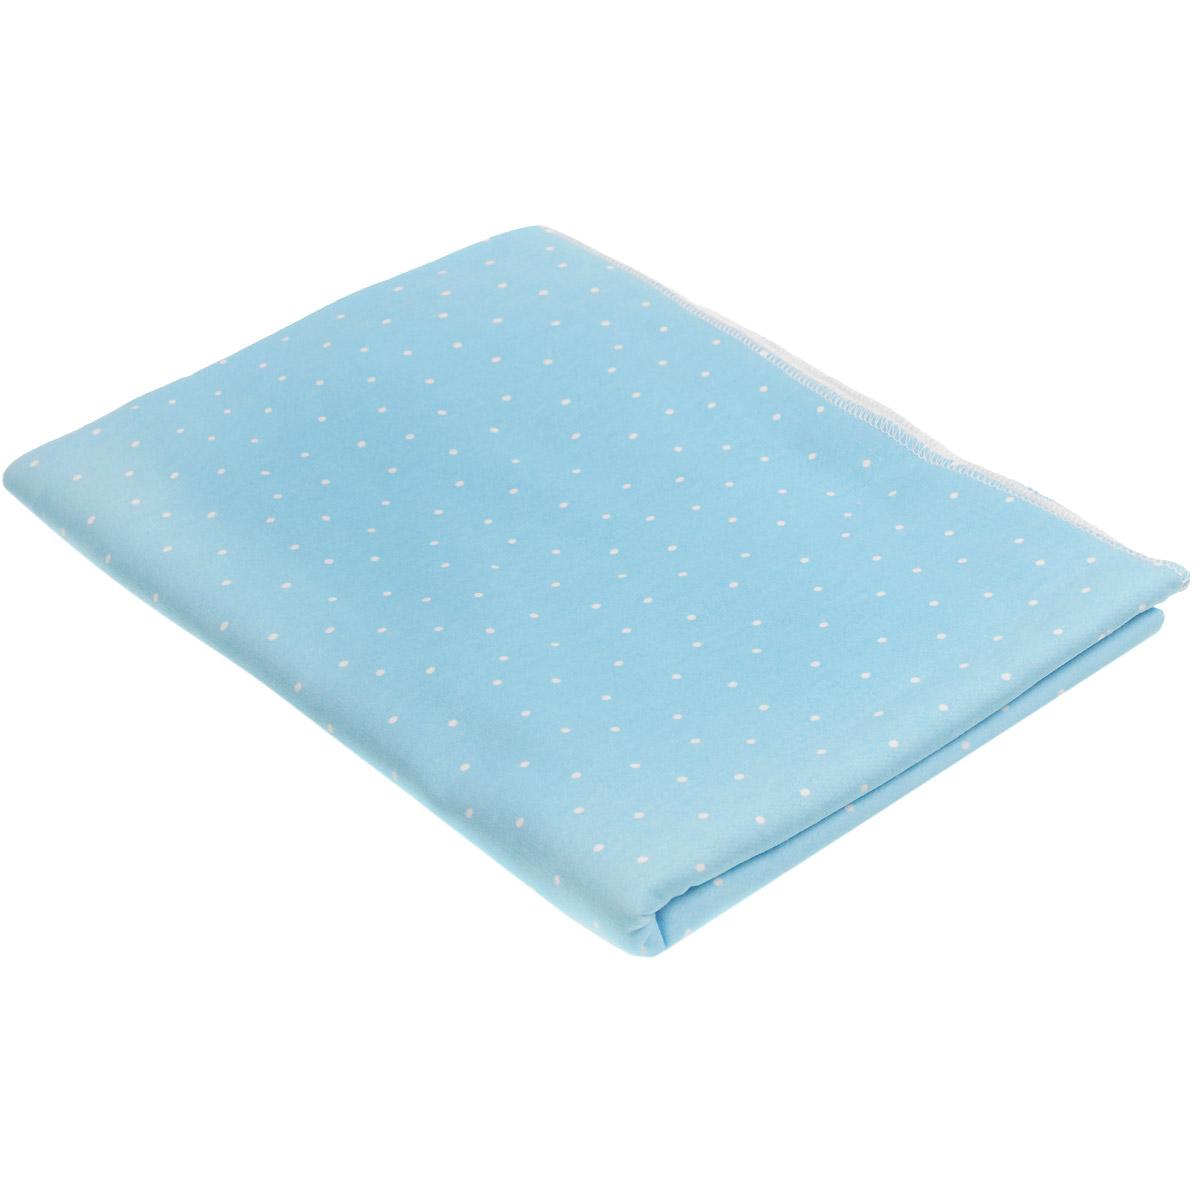 Пеленка трикотажная Трон-плюс, цвет: голубой, белый, 120 см х 90 см20-4Детская пеленка Трон-Плюс подходит для пеленания ребенка с самого рождения. Она невероятно мягкая и нежная на ощупь. Пеленка выполнена из футера - натурального трикотажного материала из хлопка, гладкого с внешней стороны, мягкого и нежного с внутренней. Такая ткань прекрасно пропускает воздух, она гипоаллергенна, не раздражает чувствительную кожу ребенка, почти не мнется и не теряет формы после стирки. Мягкая ткань укутывает малыша с необычайной нежностью. Пеленку также можно использовать как легкое одеяло в жаркую погоду, простынку, полотенце после купания, накидку для кормления грудью или солнцезащитный козырек.Ее размер подходит для пеленания даже крупного малыша.